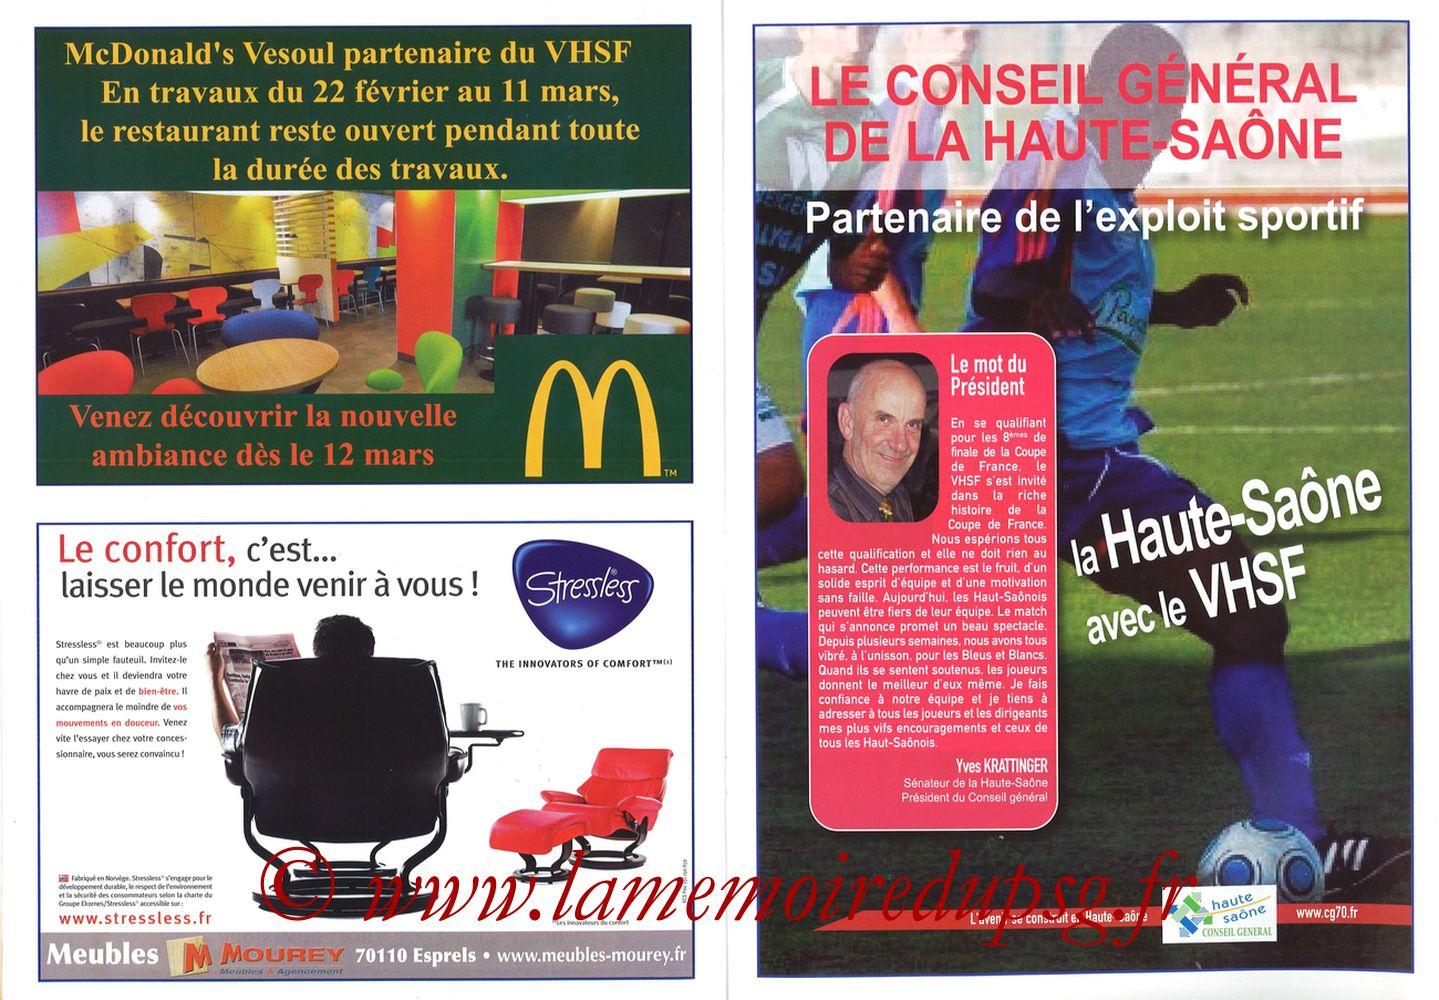 2010-02-09  Vesoul-PSG (8ème CF, Programme officiel) - Pages 08 et 09